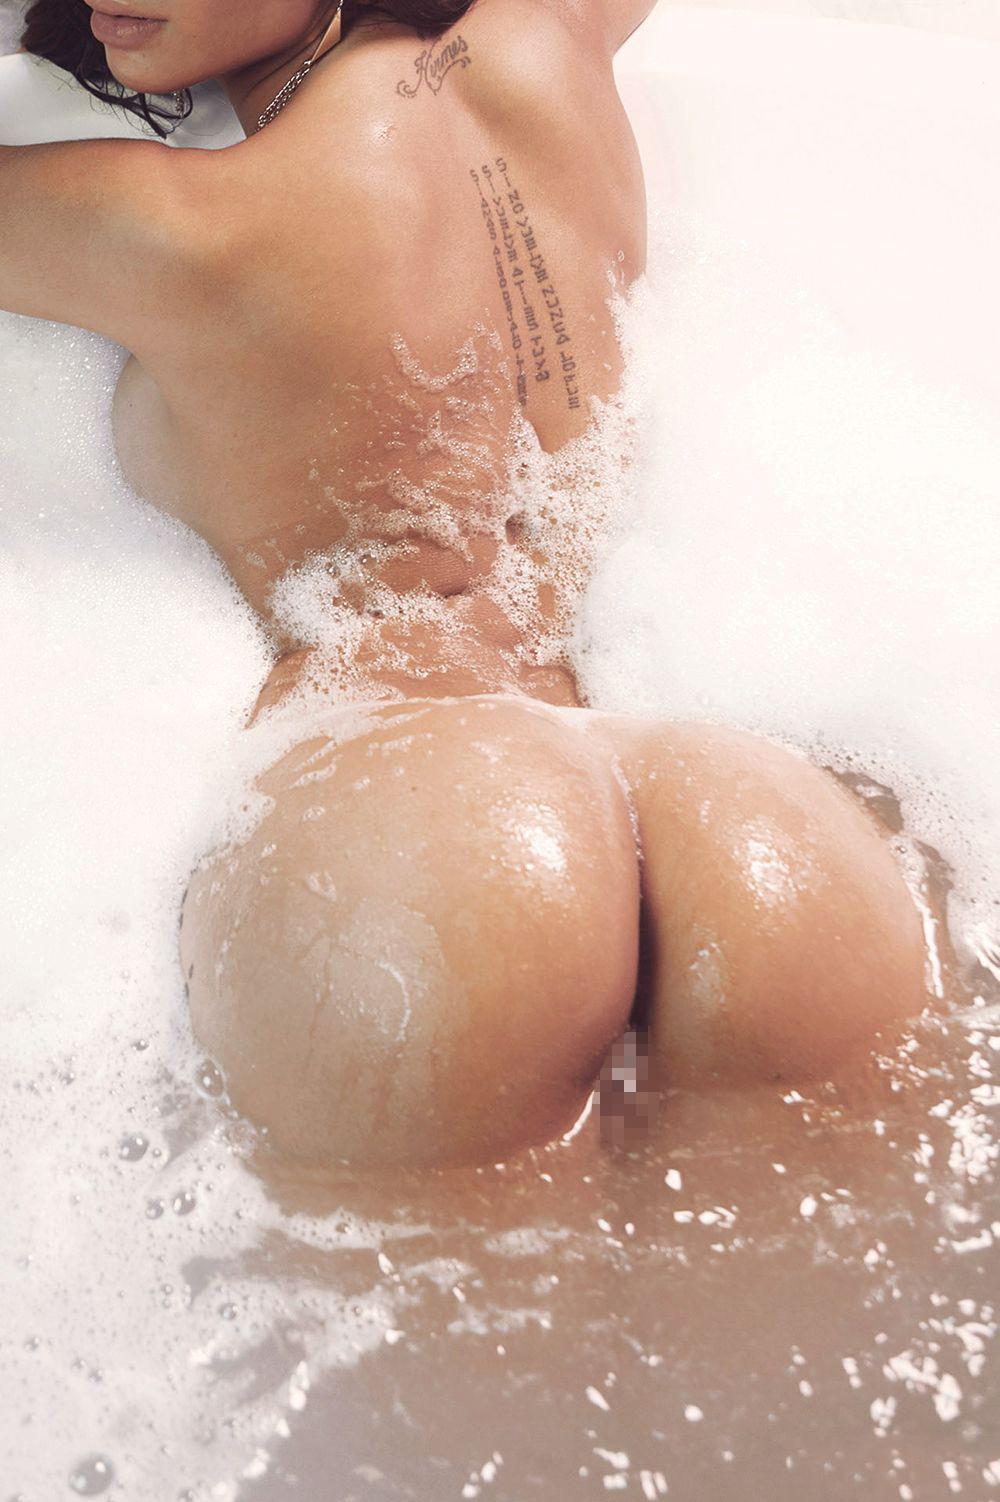 【外人エロ画像】お正月に海外に行きたくなりそうな海外美女達のフルヌード!(26枚)